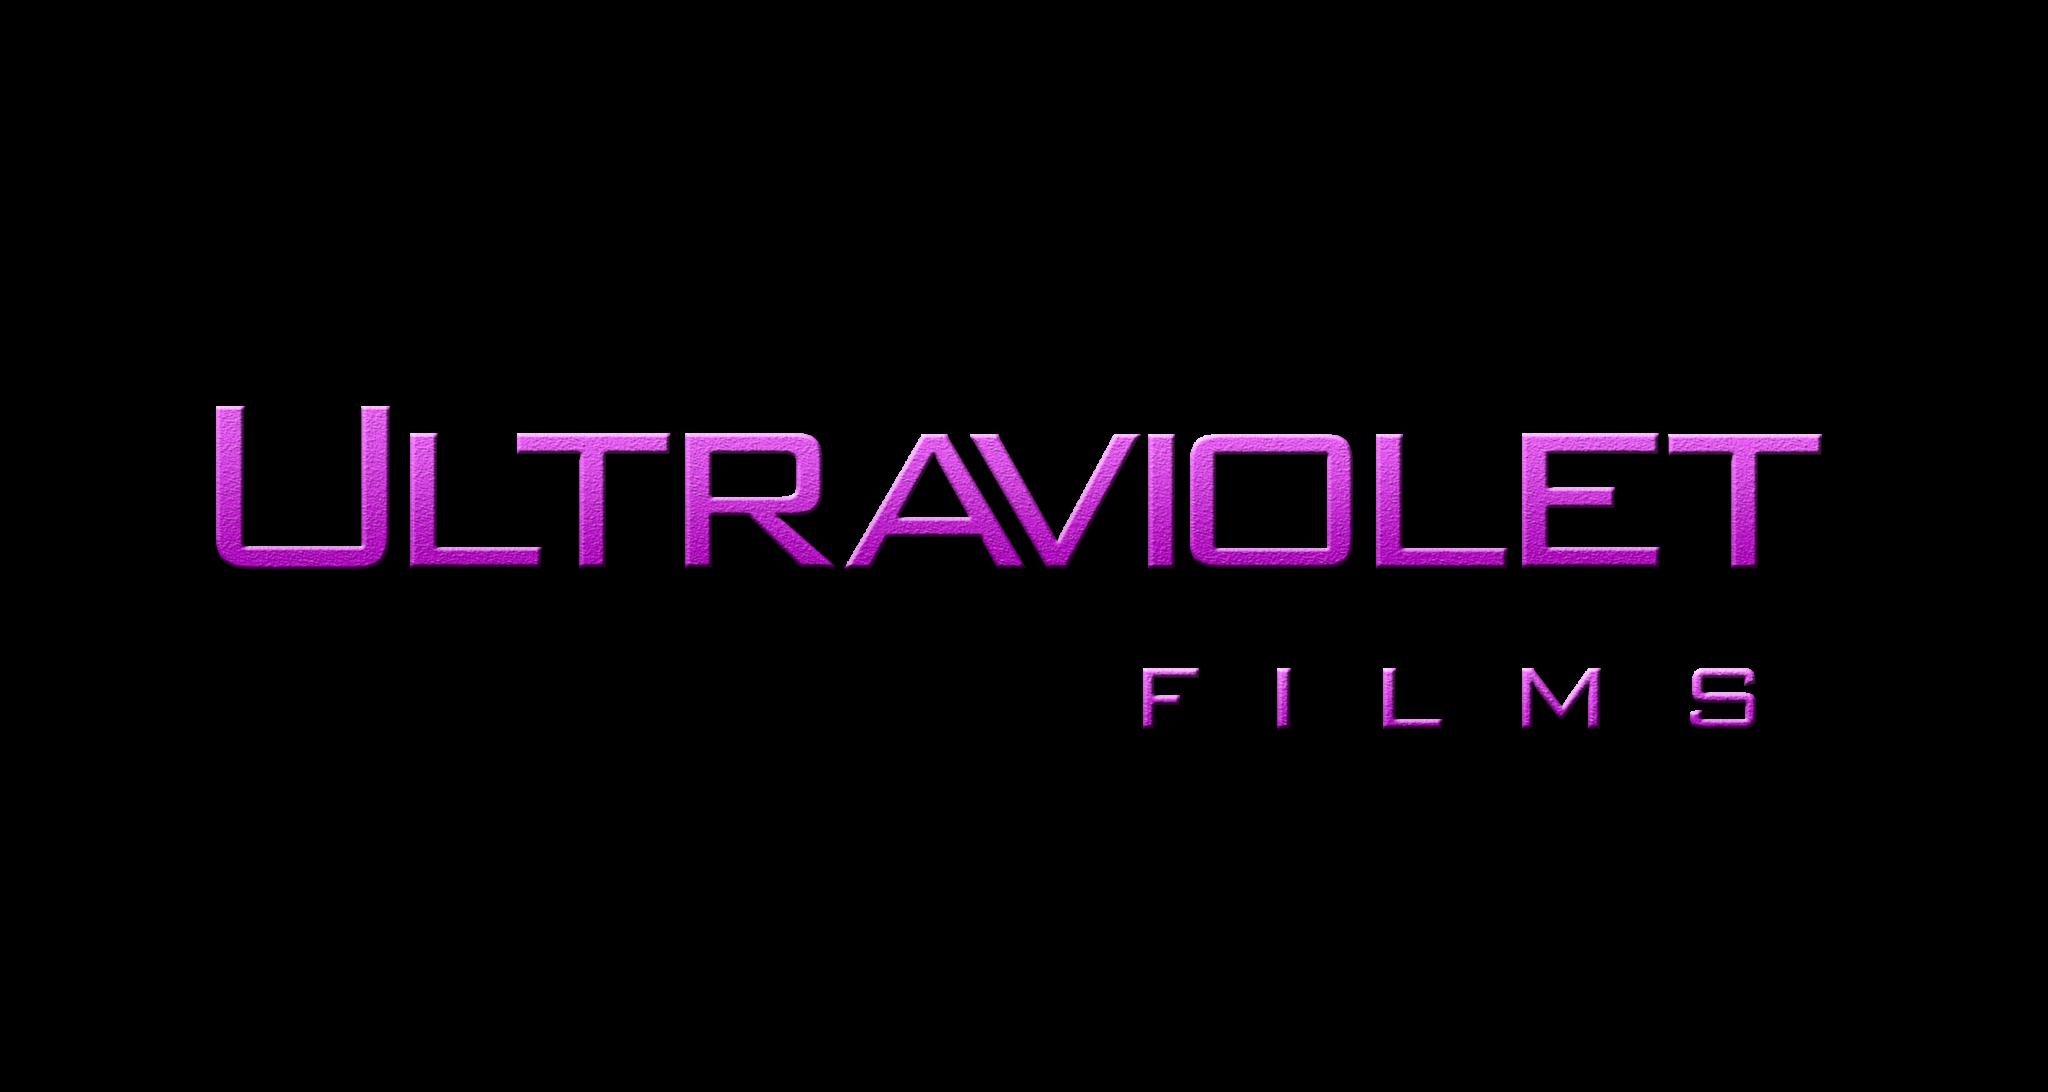 Ultraviolet Films